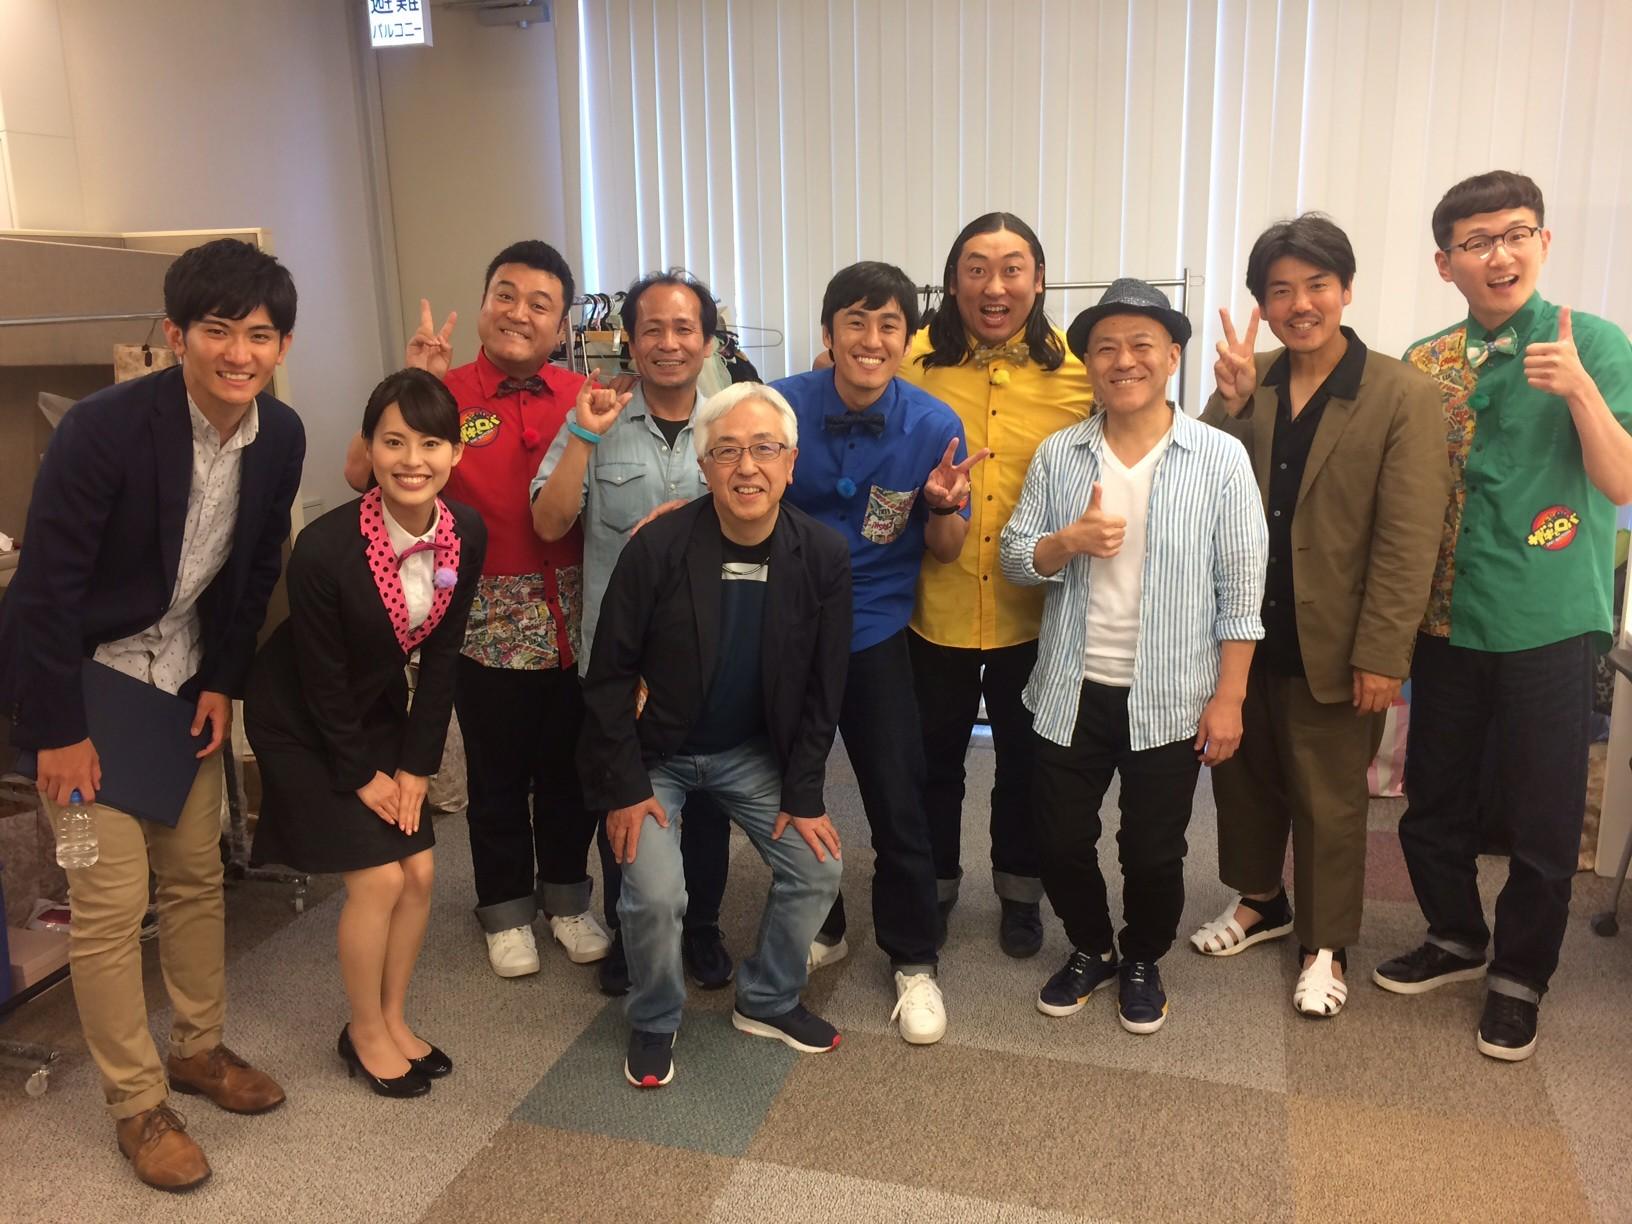 山崎さん、ロバートさん収録ありがとうございました。